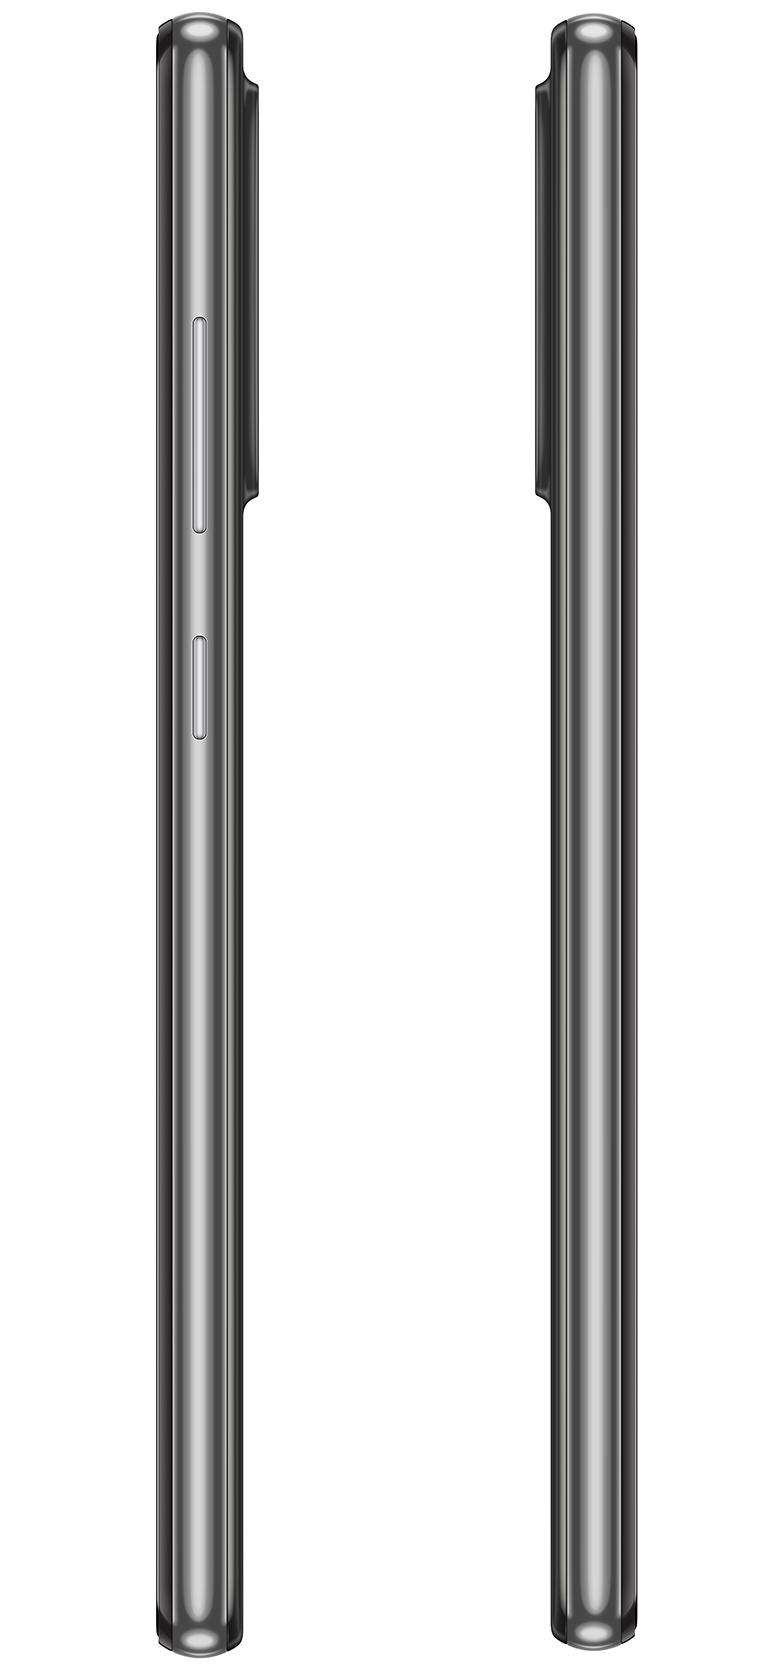 Samsung Galaxy A52 DS (SM-A525) 256GB Black - 5